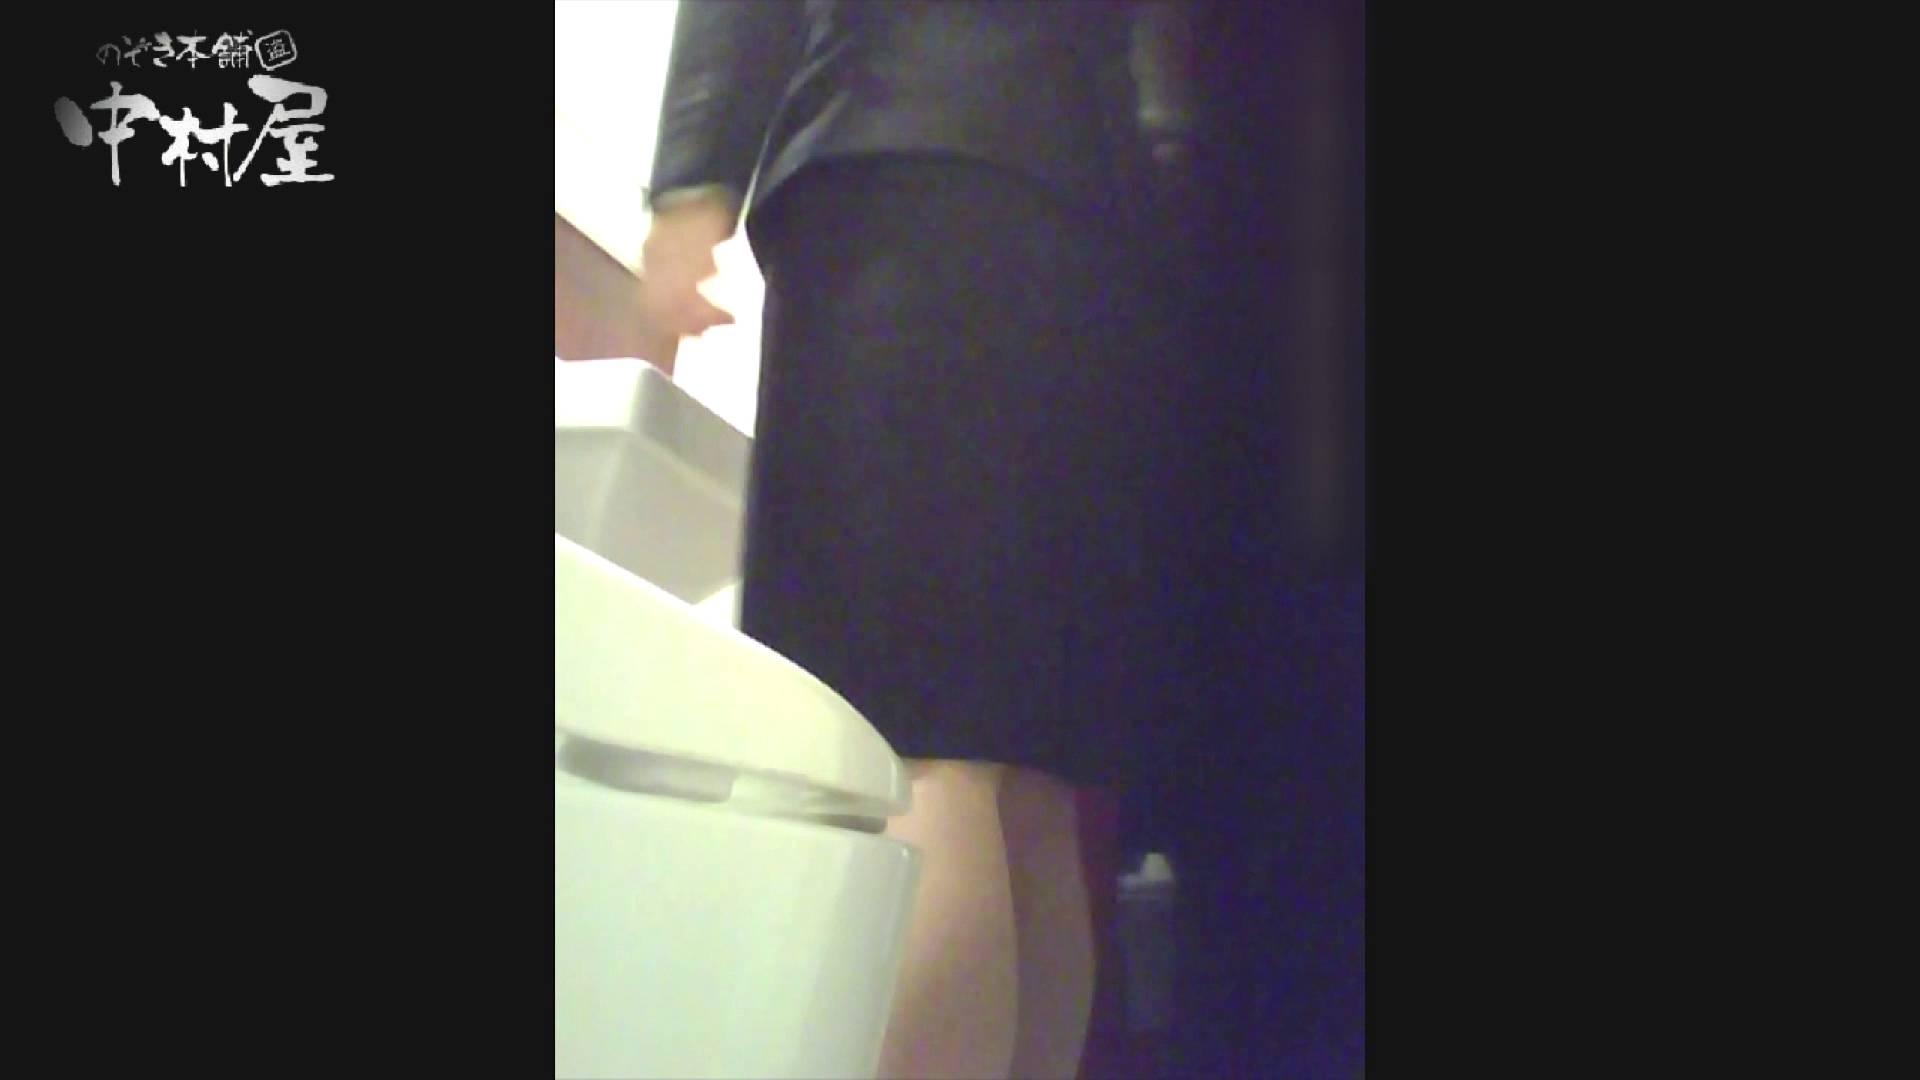 高画質トイレ盗撮vol.12 トイレの中まで 盗撮 11枚 8